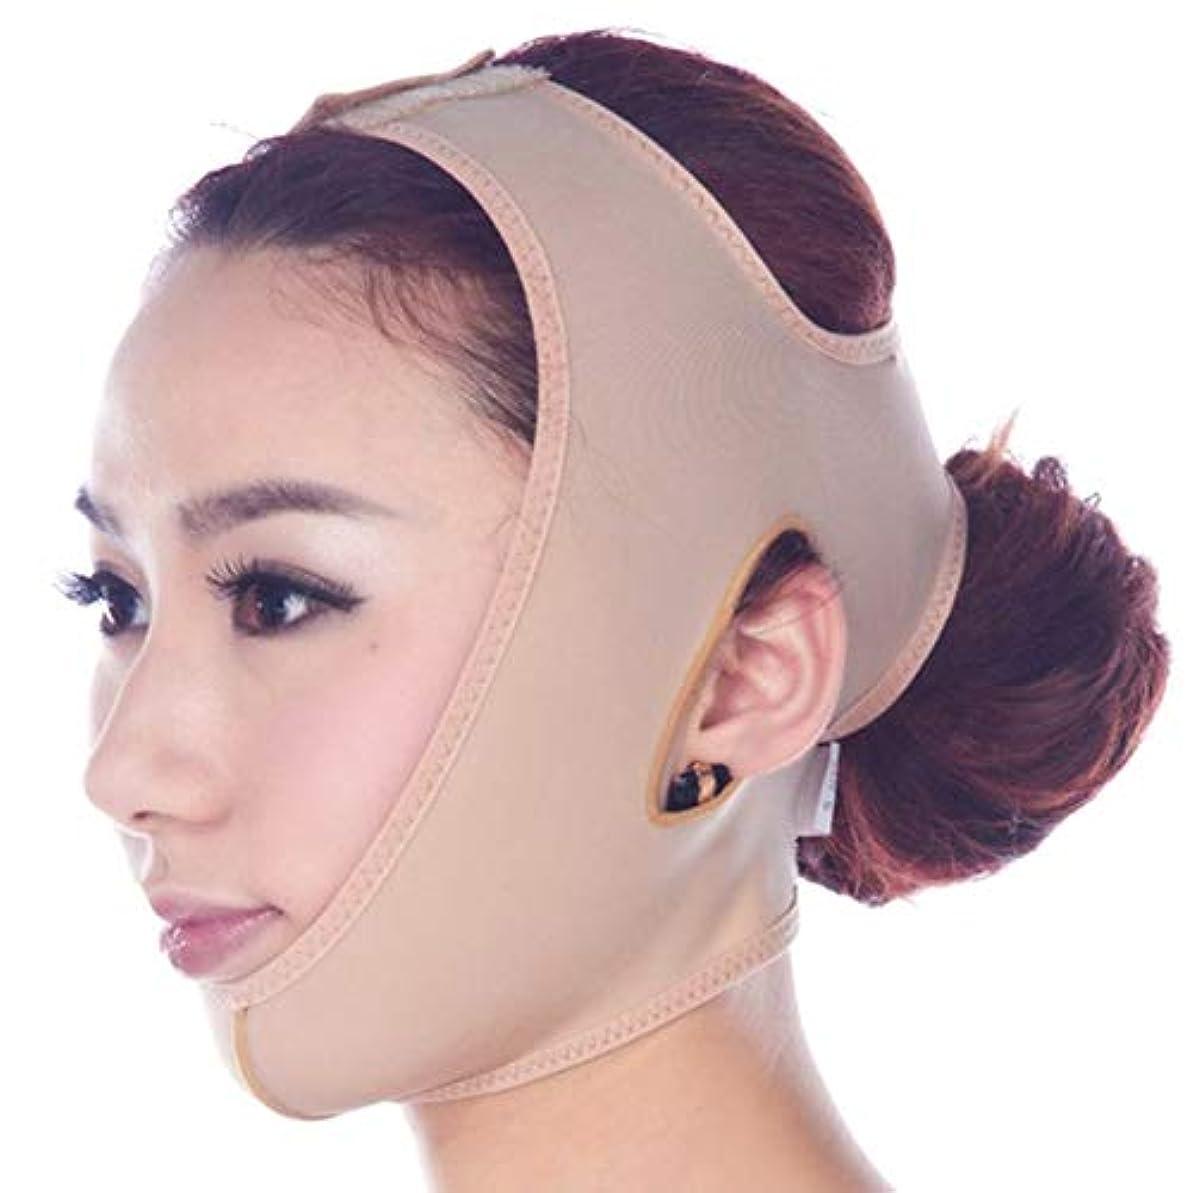 あなたはメディカルすぐにフェイスリフトアップベルトマスク痩身包帯スキンケアシェイパーは、二重顎Thiningバンドを減らします,S